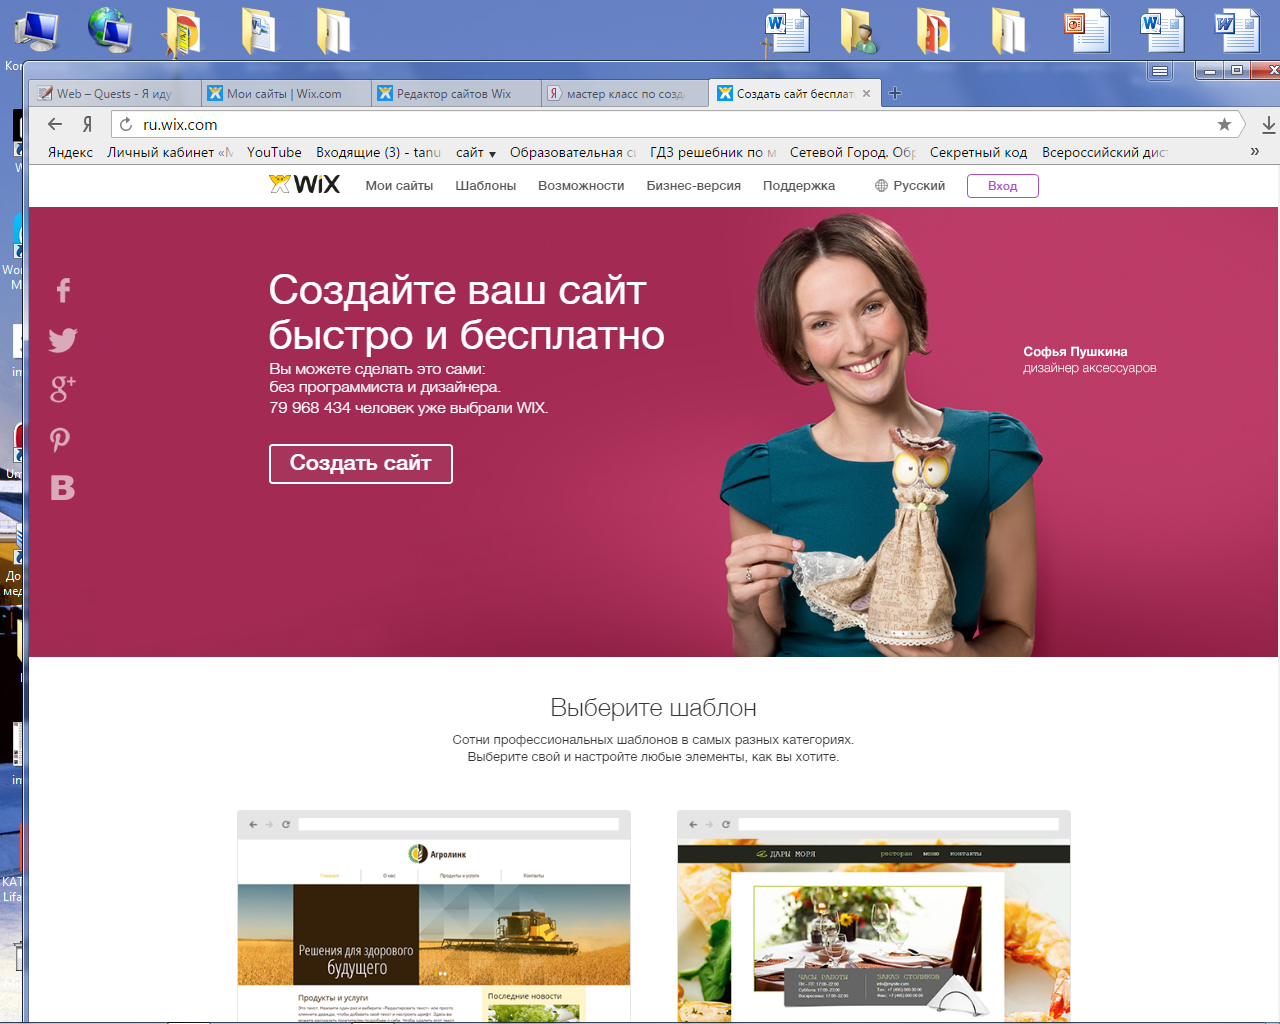 Шаблоны бесплатно для создания своего сайта ной транспортная компания саратов сайт